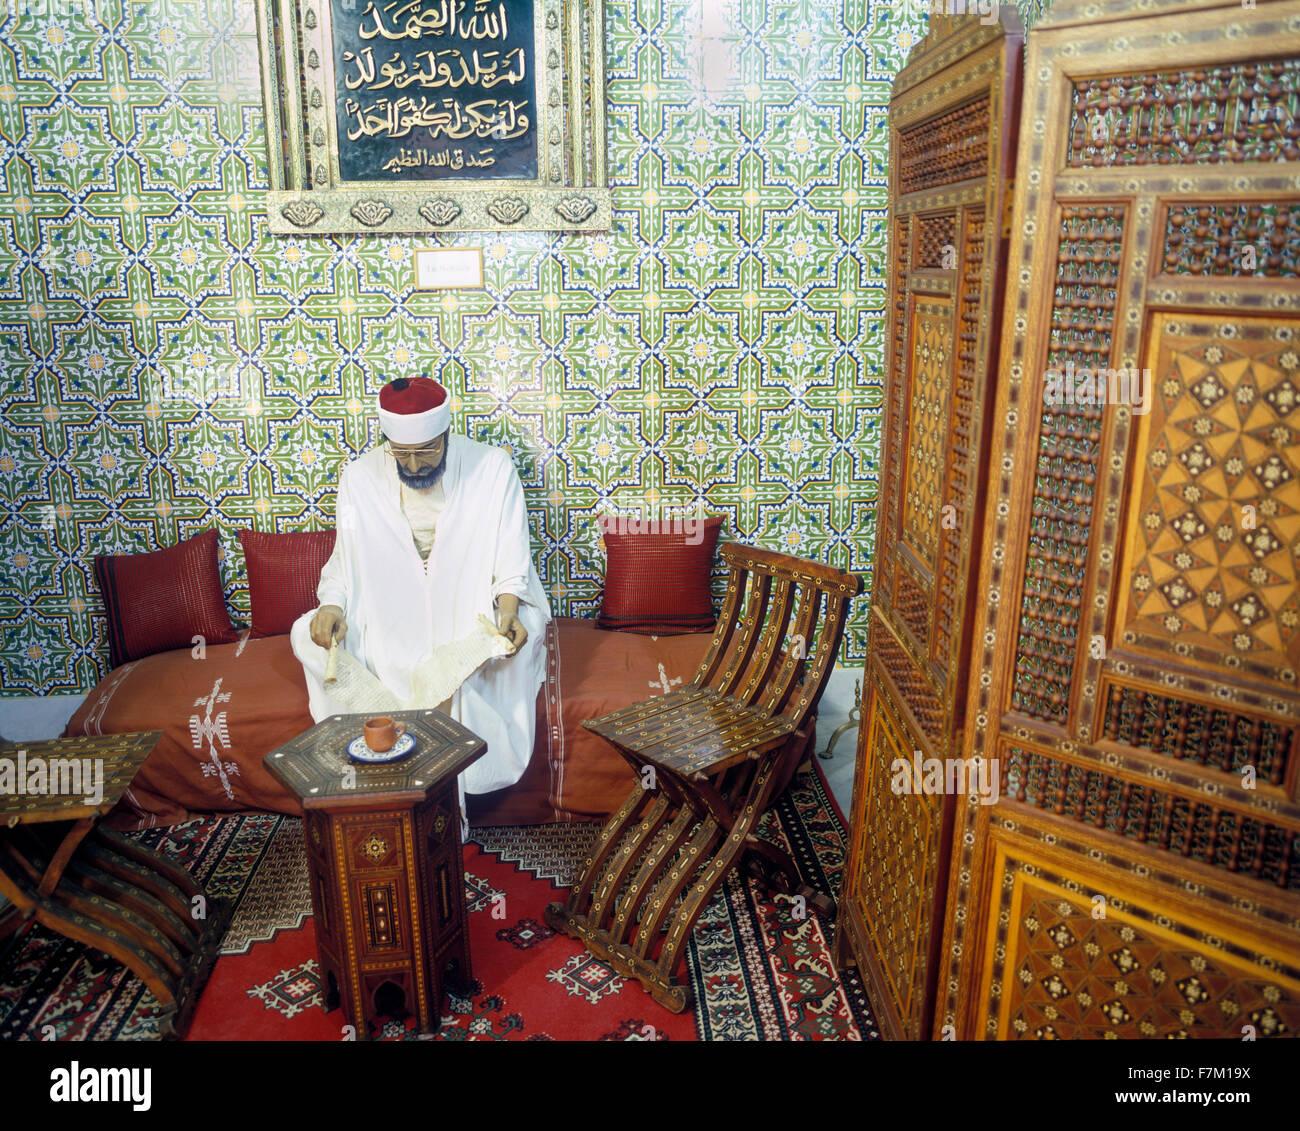 Una muestra de cada día una escena dentro de la Dar Charait Museum. Tozeur, Túnez, África del Norte. Imagen De Stock